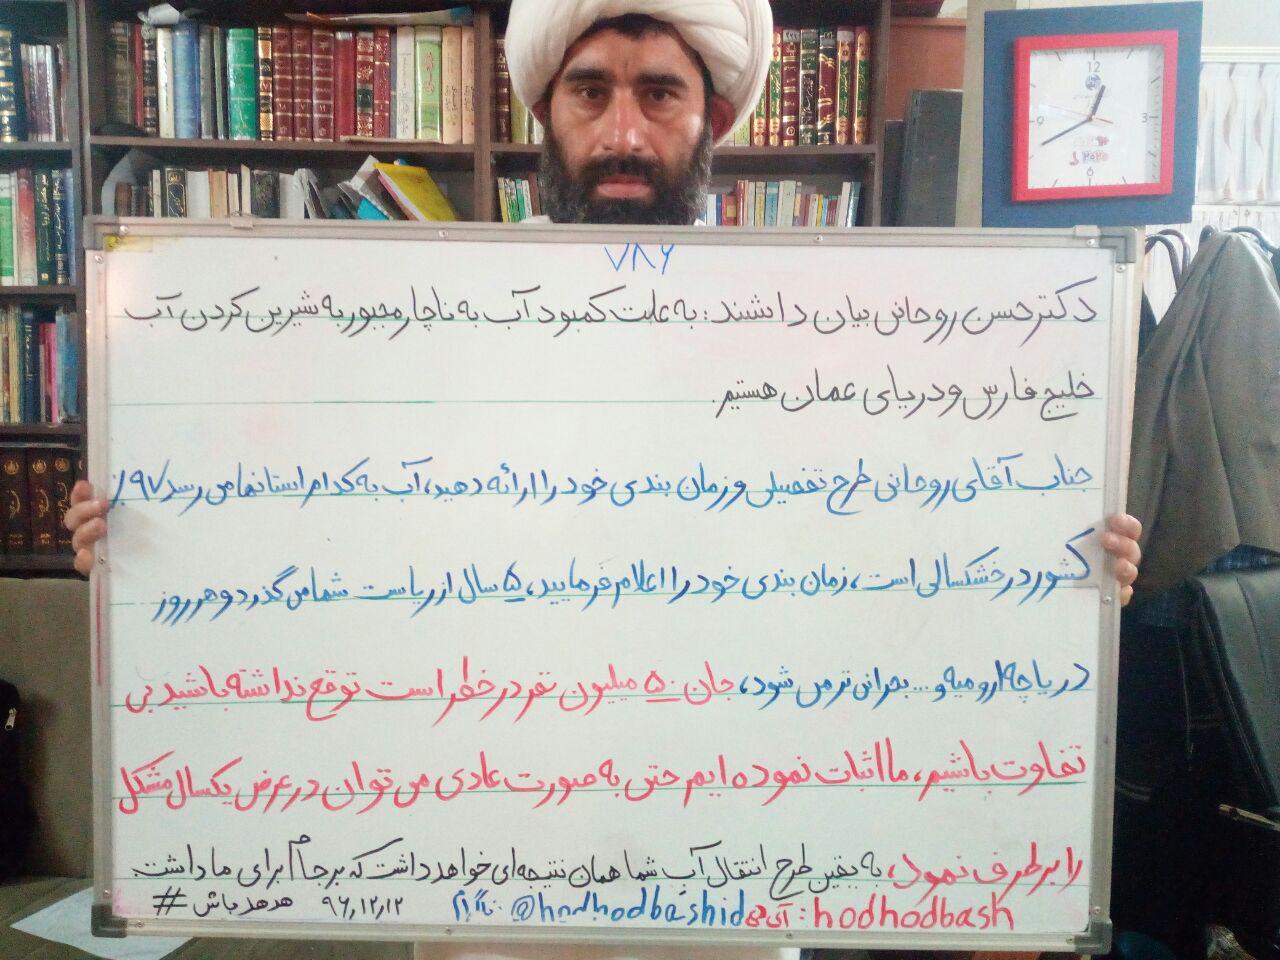 پیام به جناب دکتر حسن روحانی رئیس جمهور جمهوری اسلامی ایران